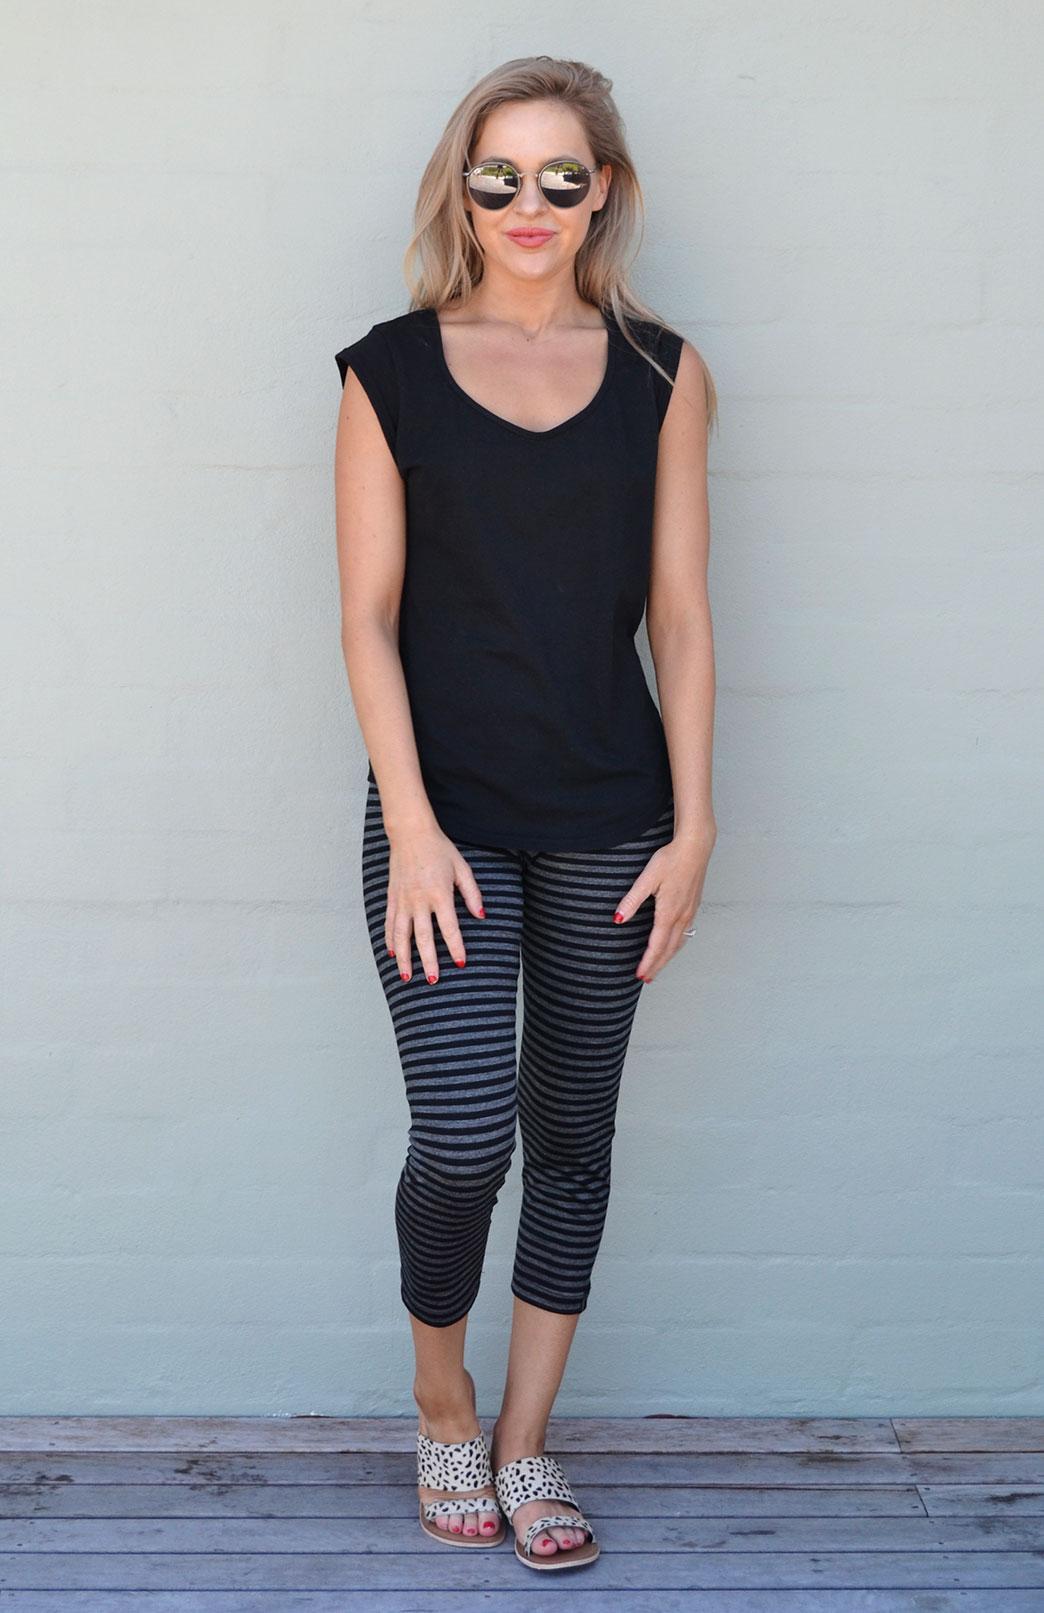 Leggings - 7/8 Length - Women's Black & Grey Striped 7/8 Length Leggings with elastic waistband - Smitten Merino Tasmania Australia